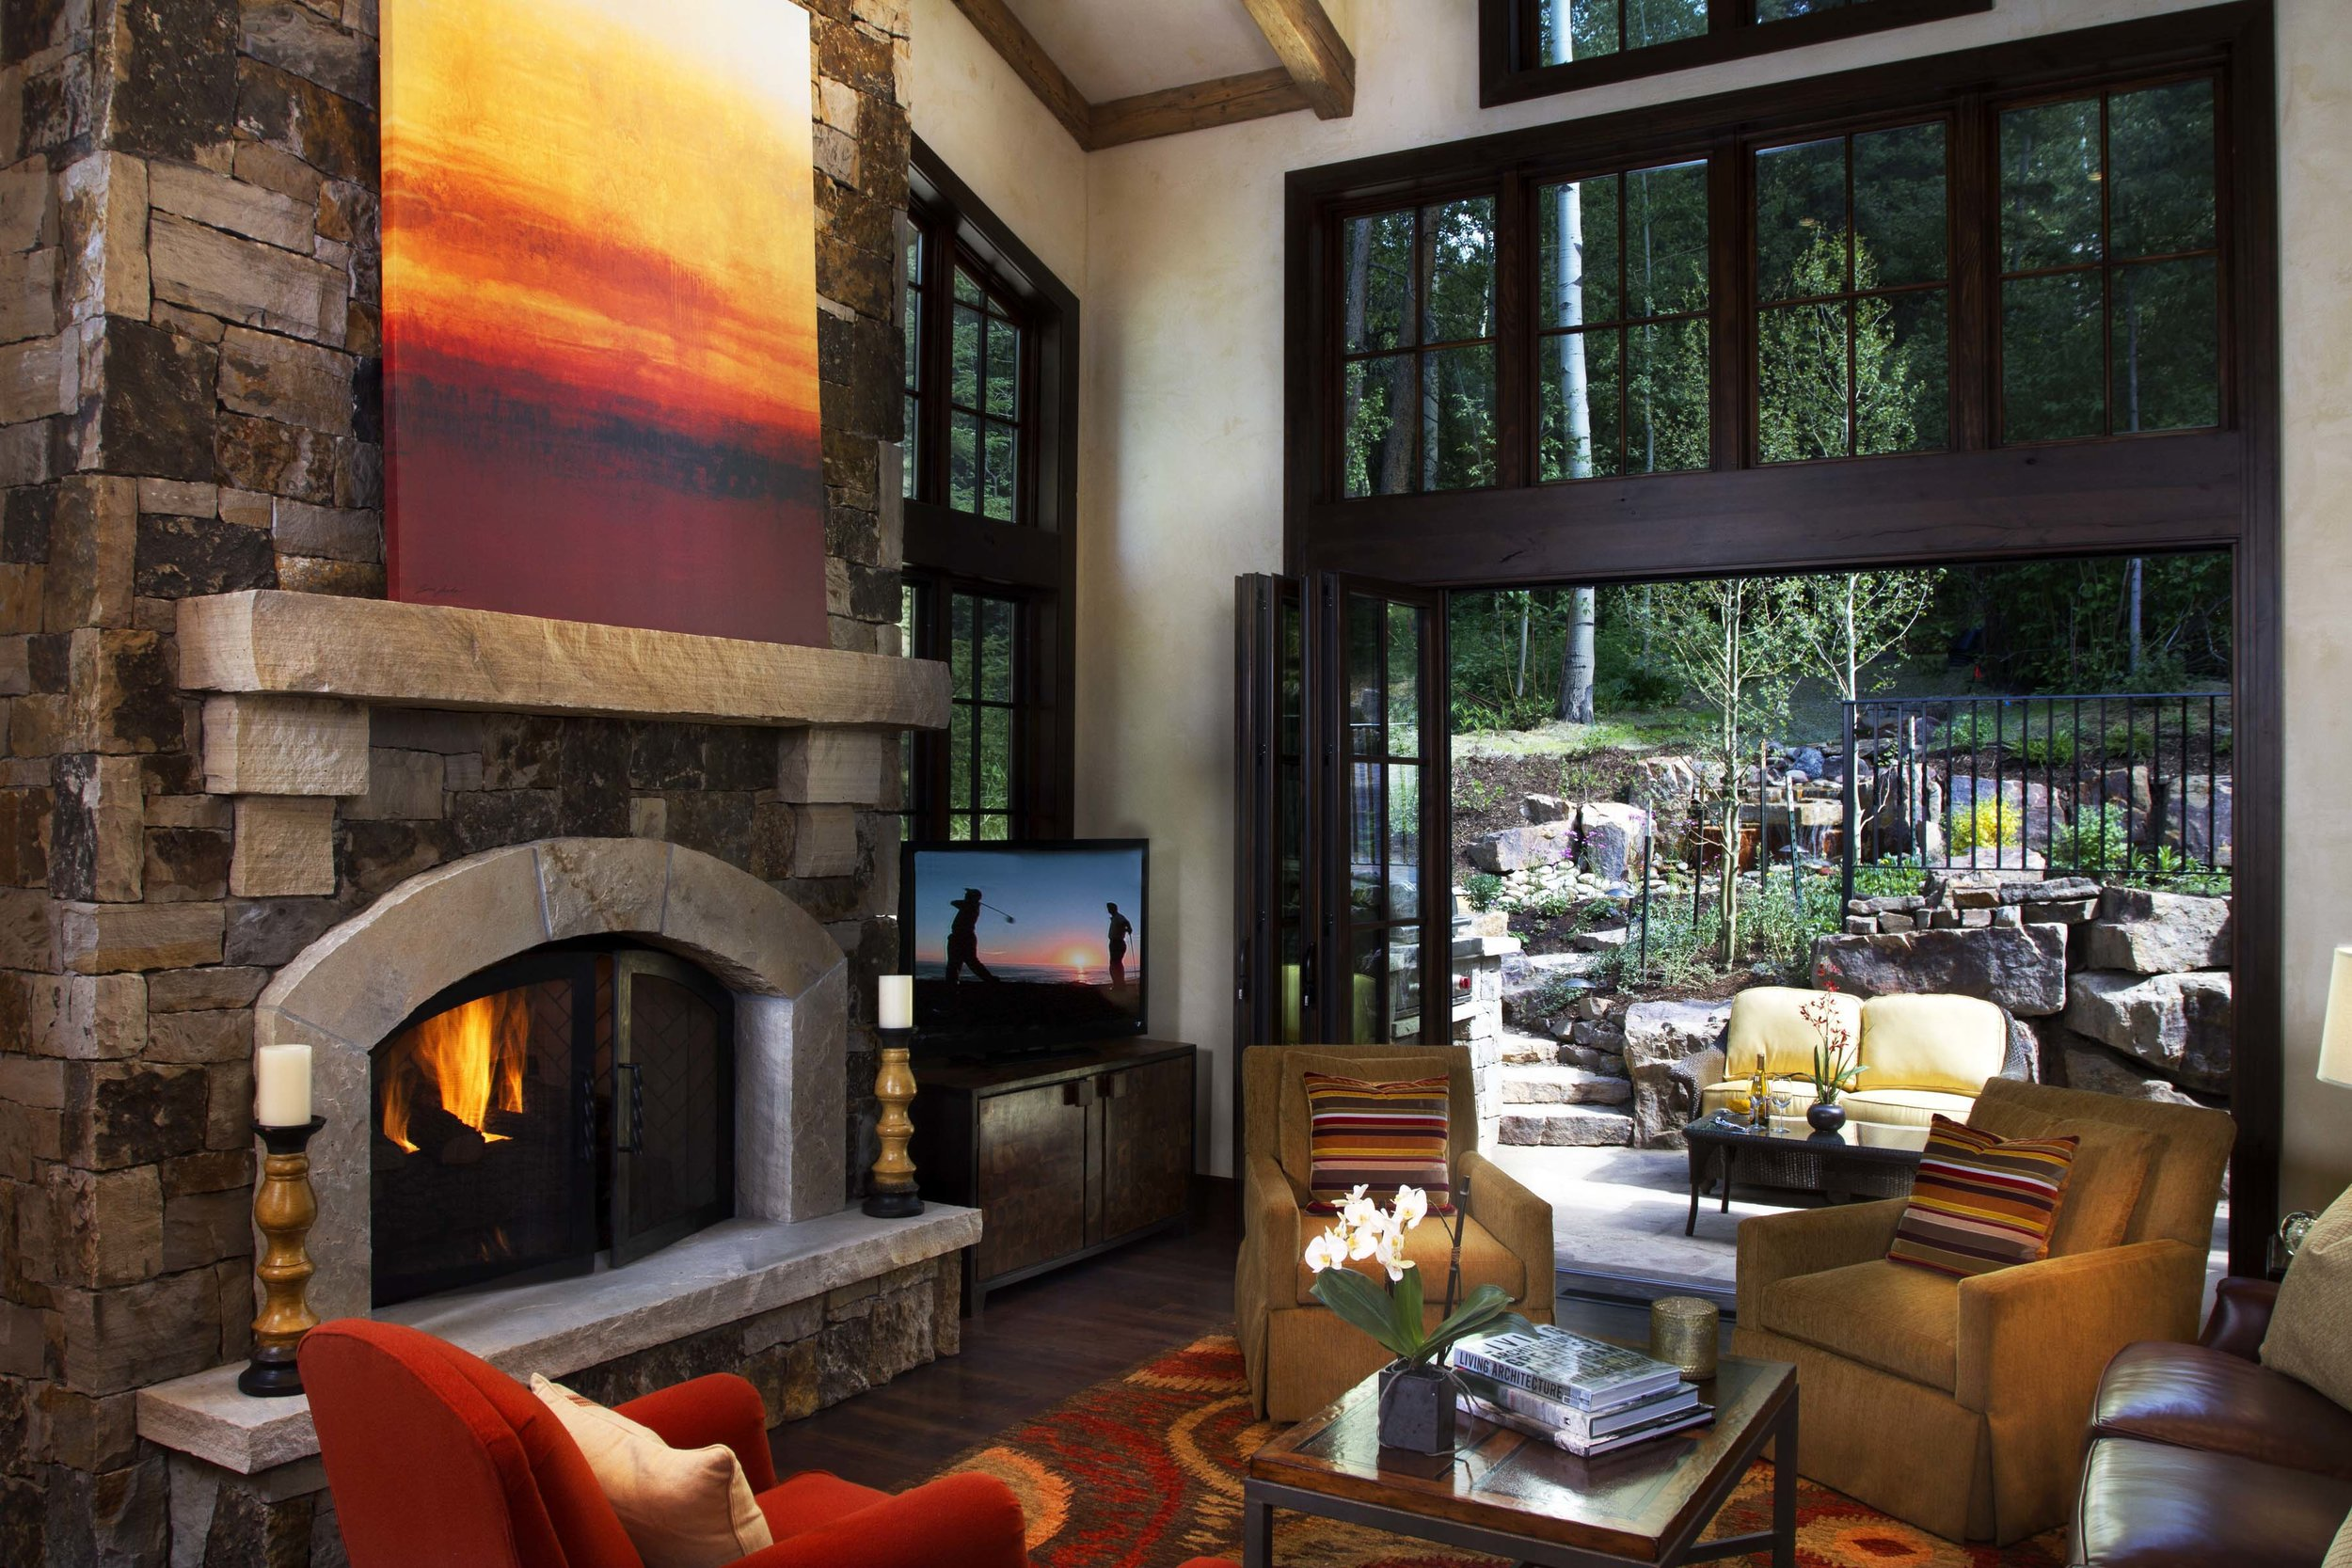 395 fire place.jpg